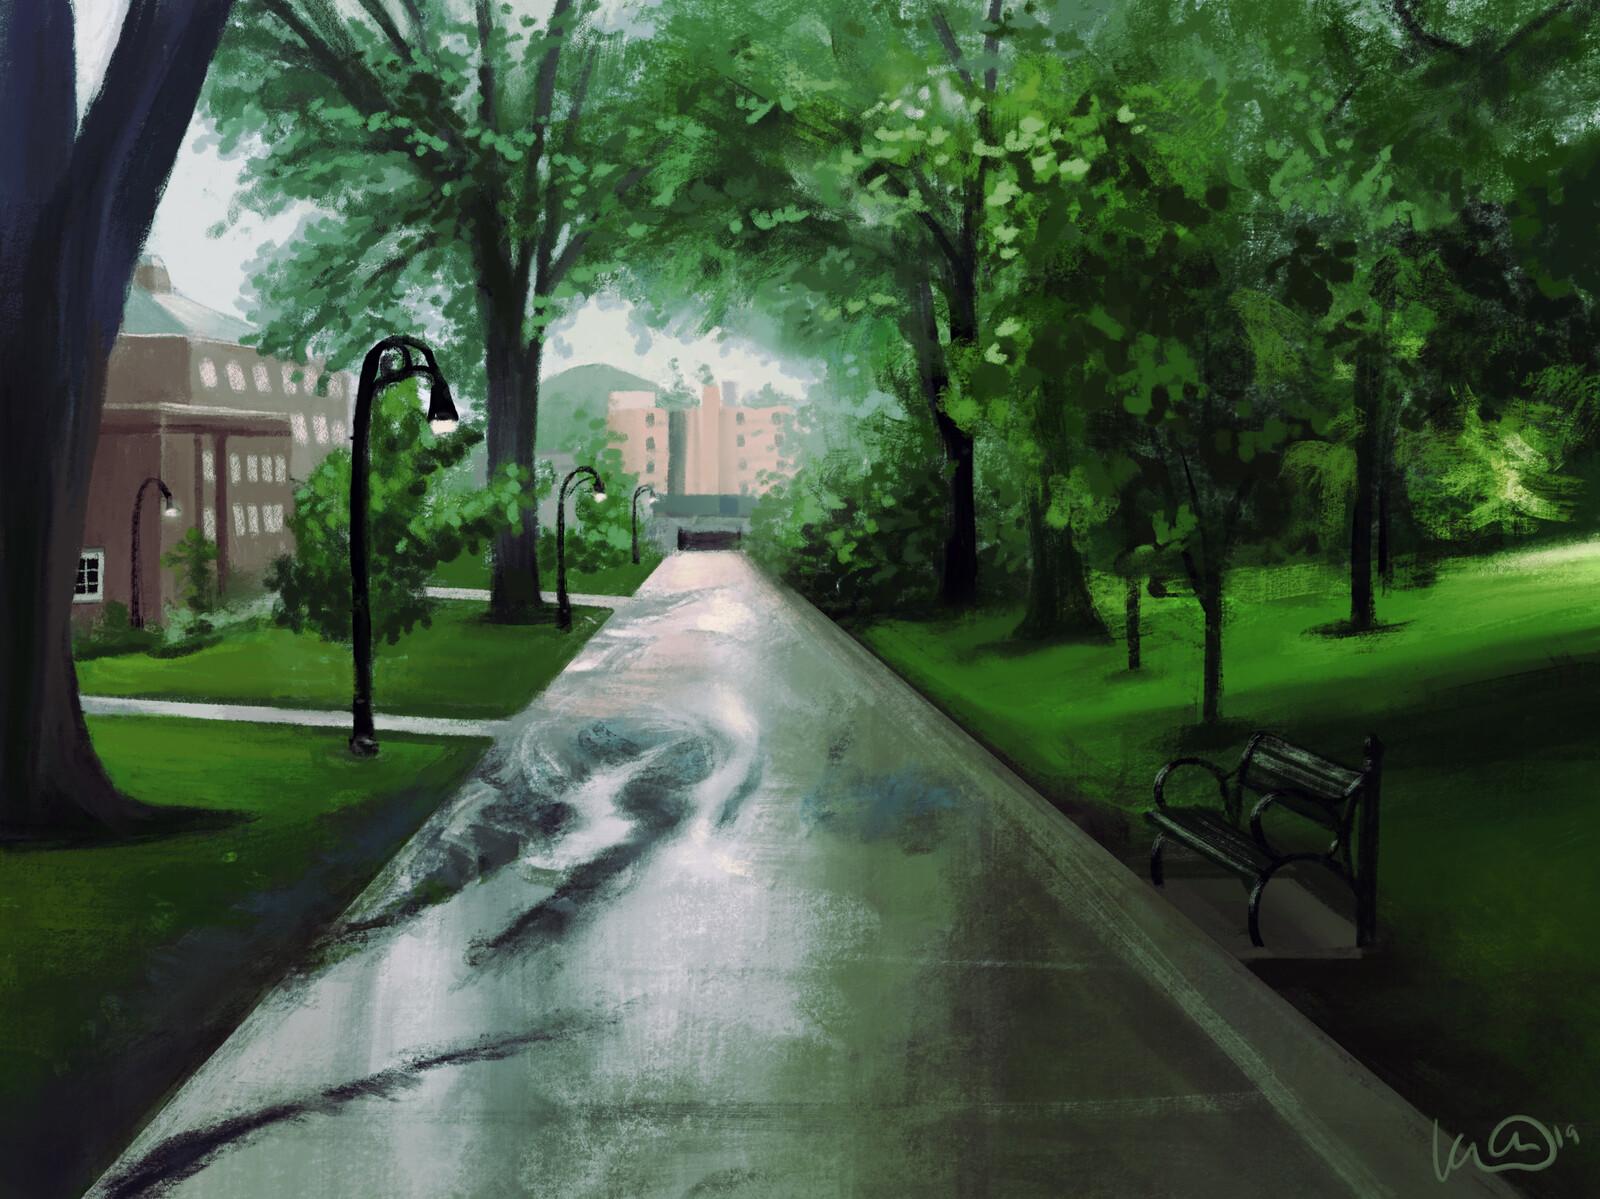 Campus Rain